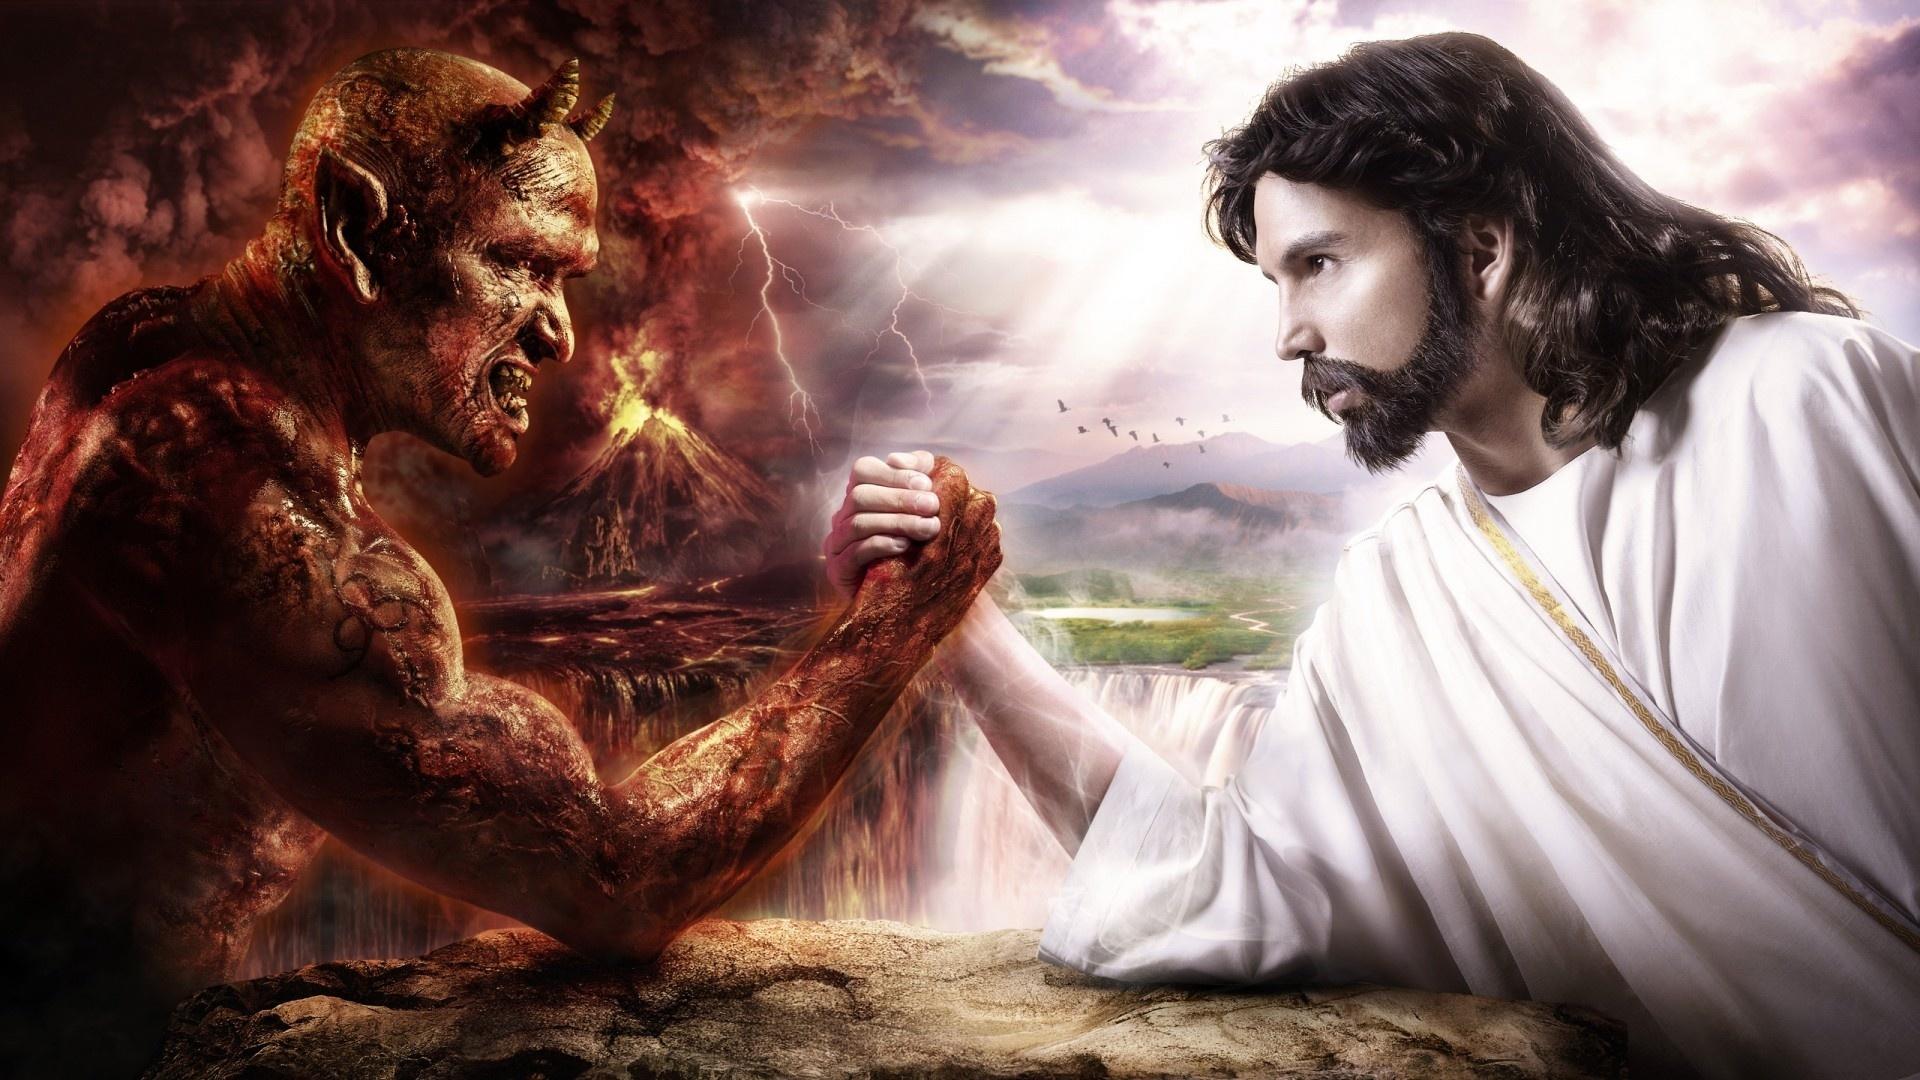 фентези, дьявол, бог, добро, зло, борьба ...: www.nastol.com.ua/download/41060/1920x1080